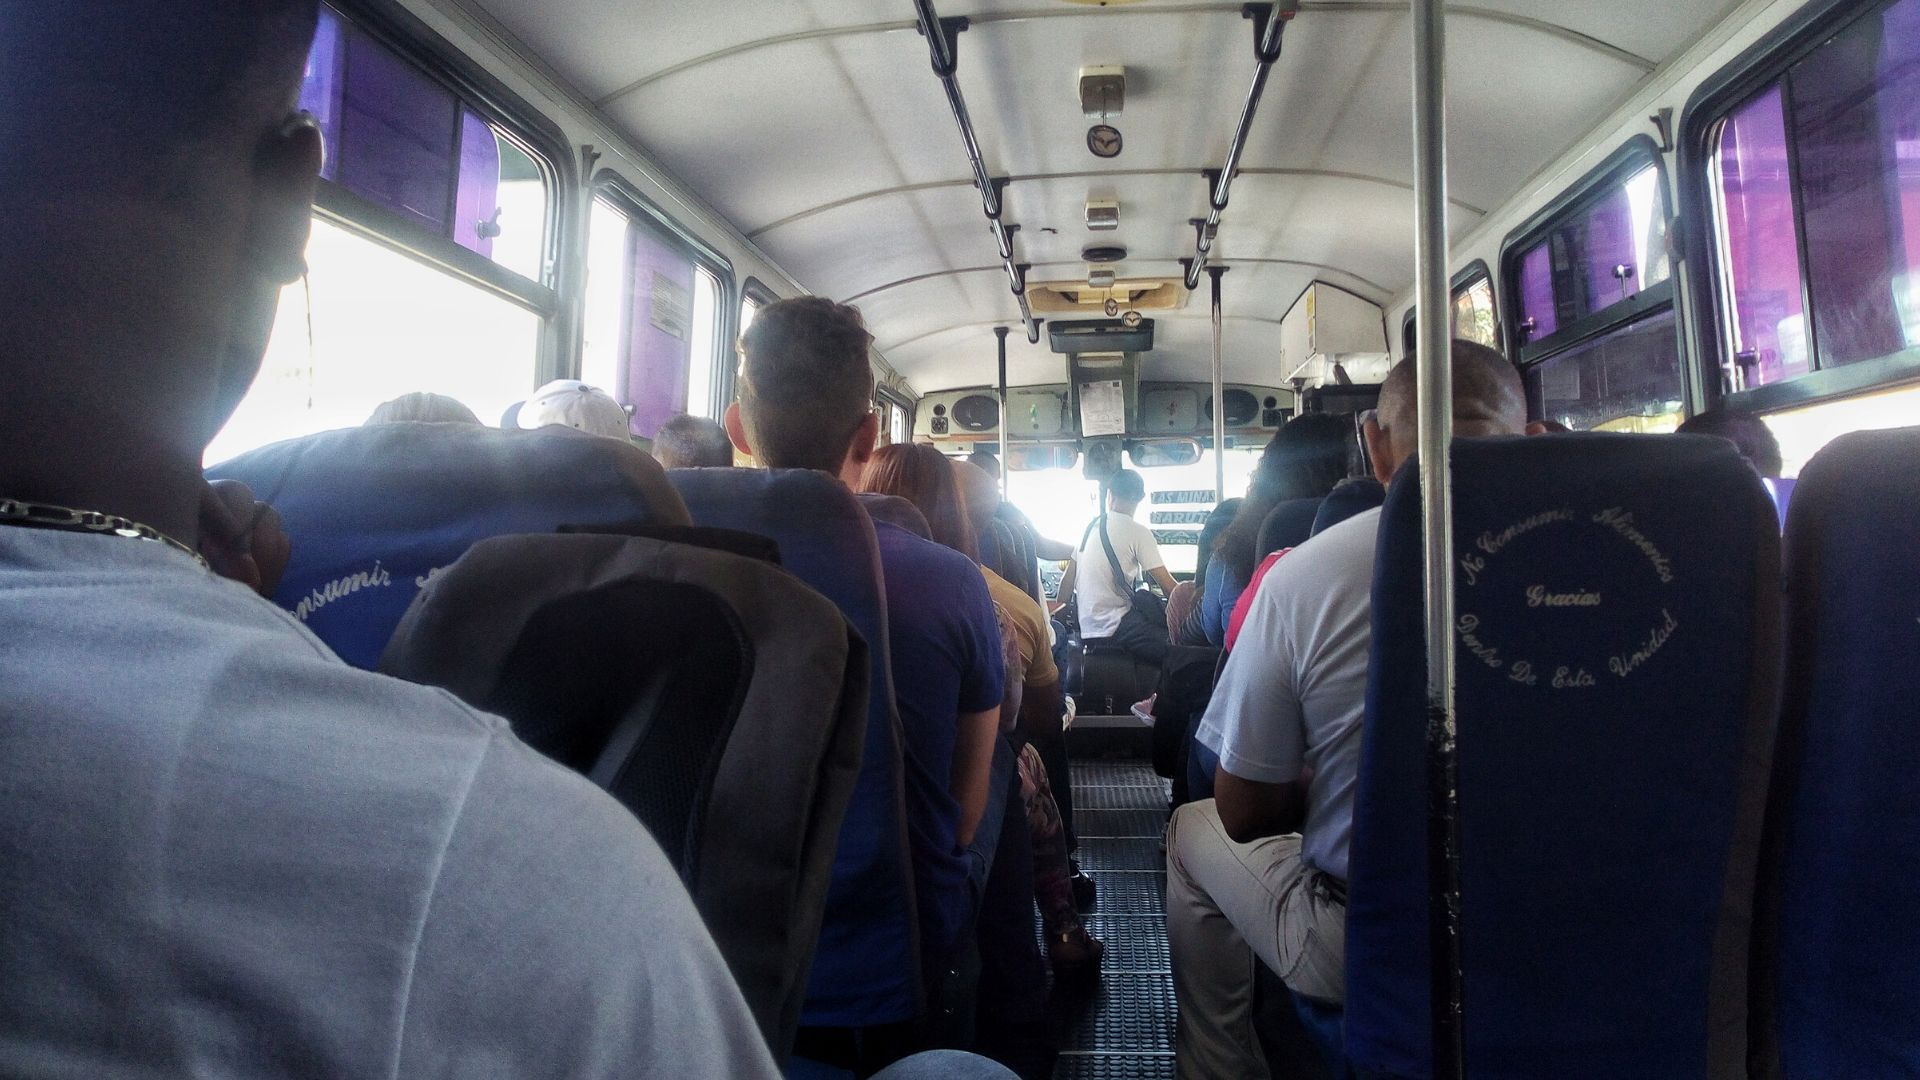 Choferes de Las Minas de Baruta alertan sobre robos y secuestros de autobuses